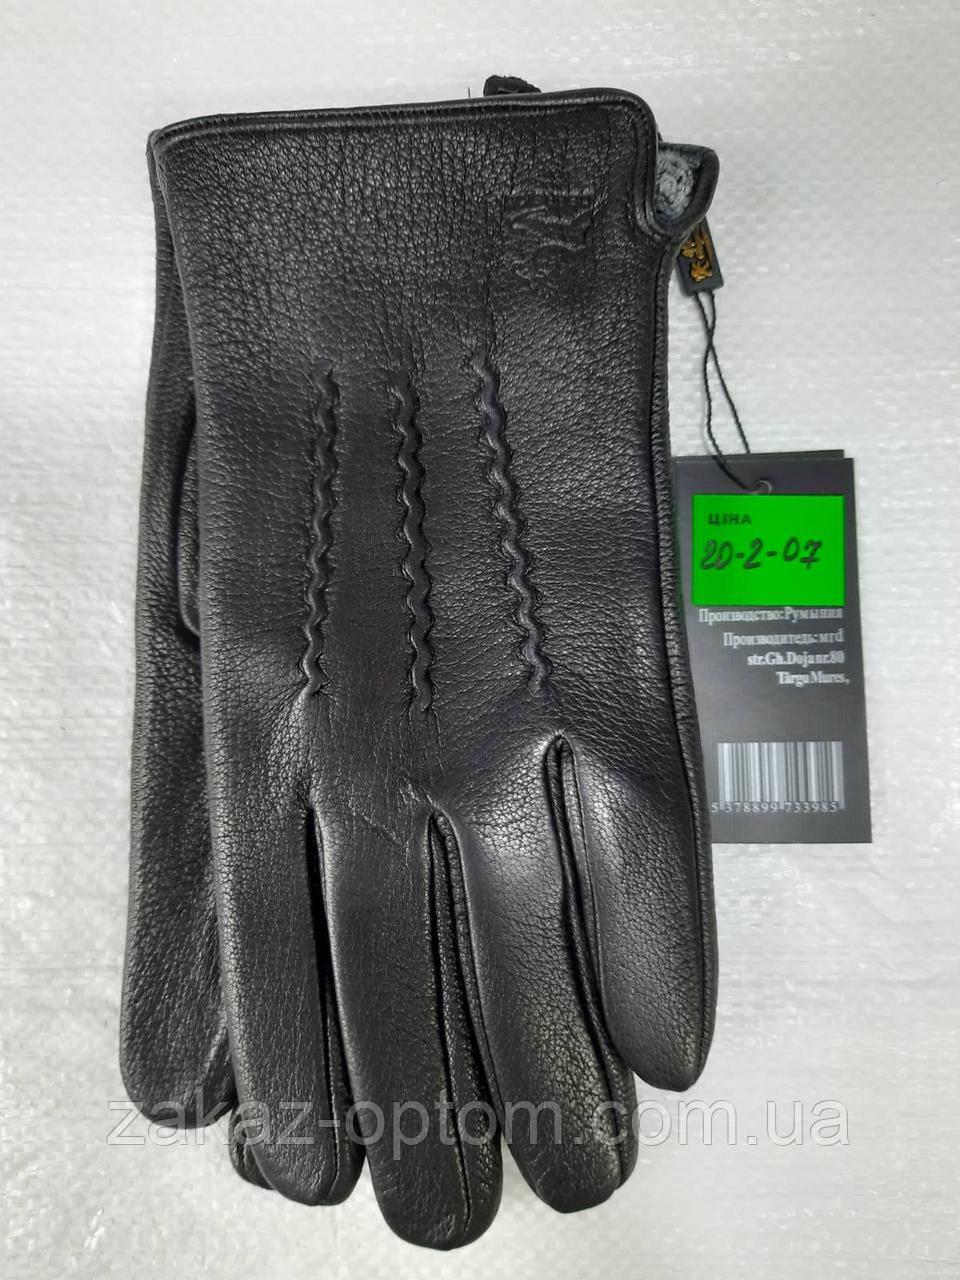 Мужские перчатки оптом кожа оленья(10,5-12,5)Румыния 20-2-07 -63203